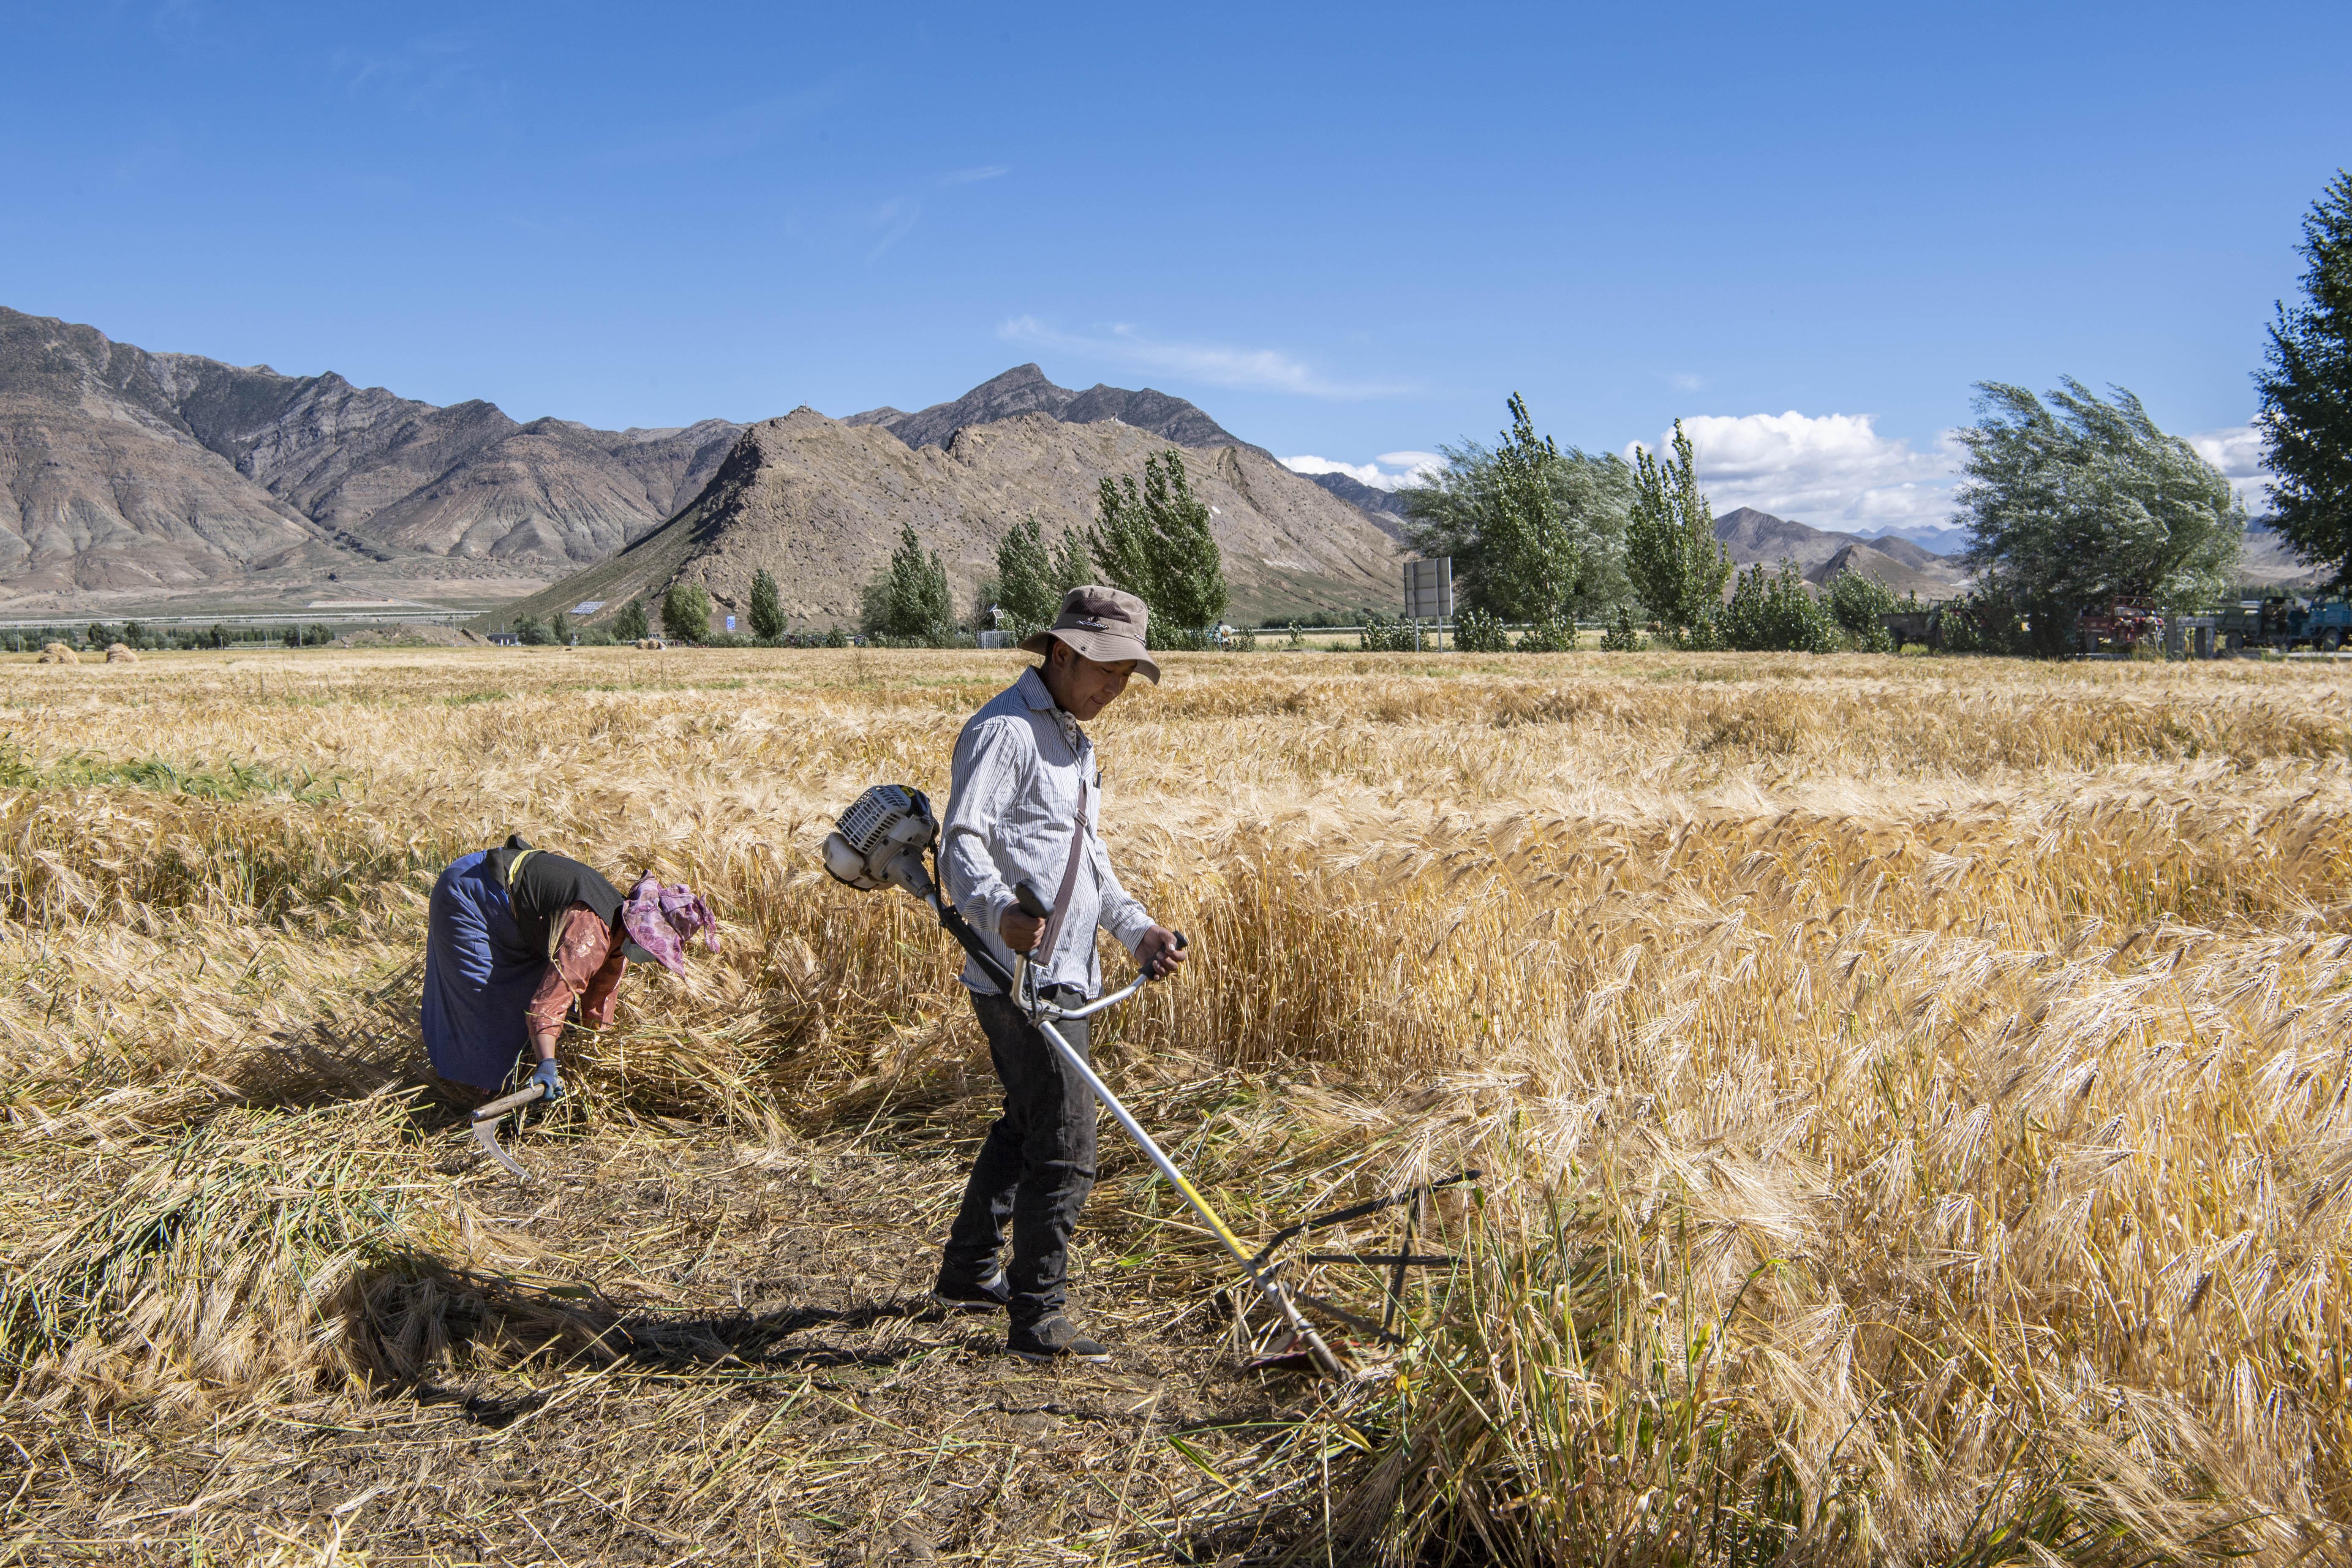 Egy tanulmány szerint 500 ezer embert kényszerítettek a kínaiak munka- és kiképzőtáborokba Tibetben